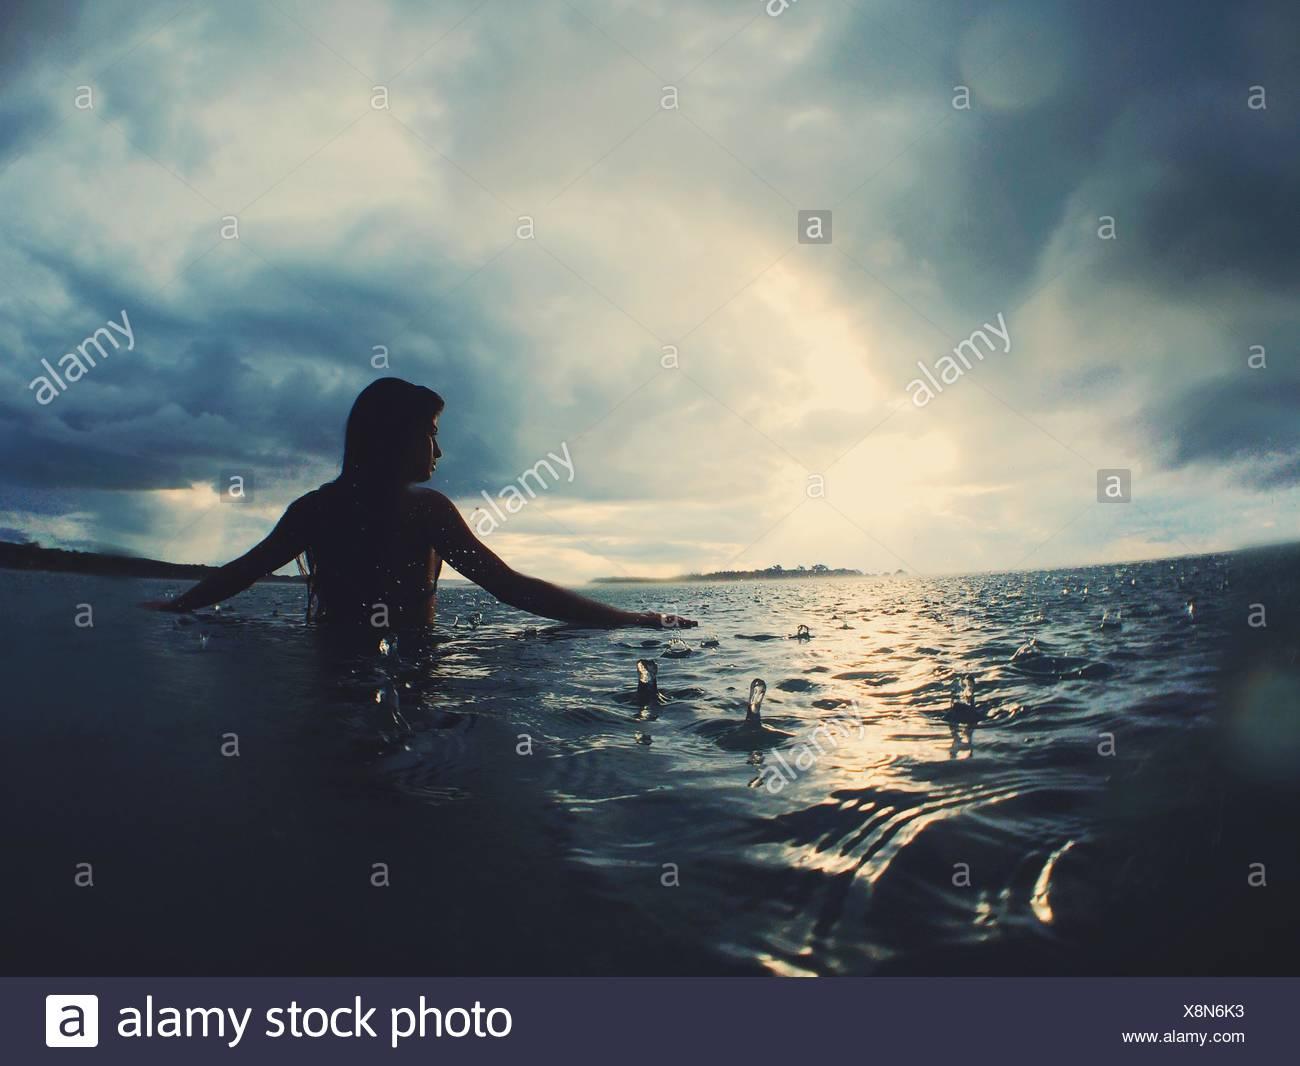 Woman in sea in rain - Stock Image